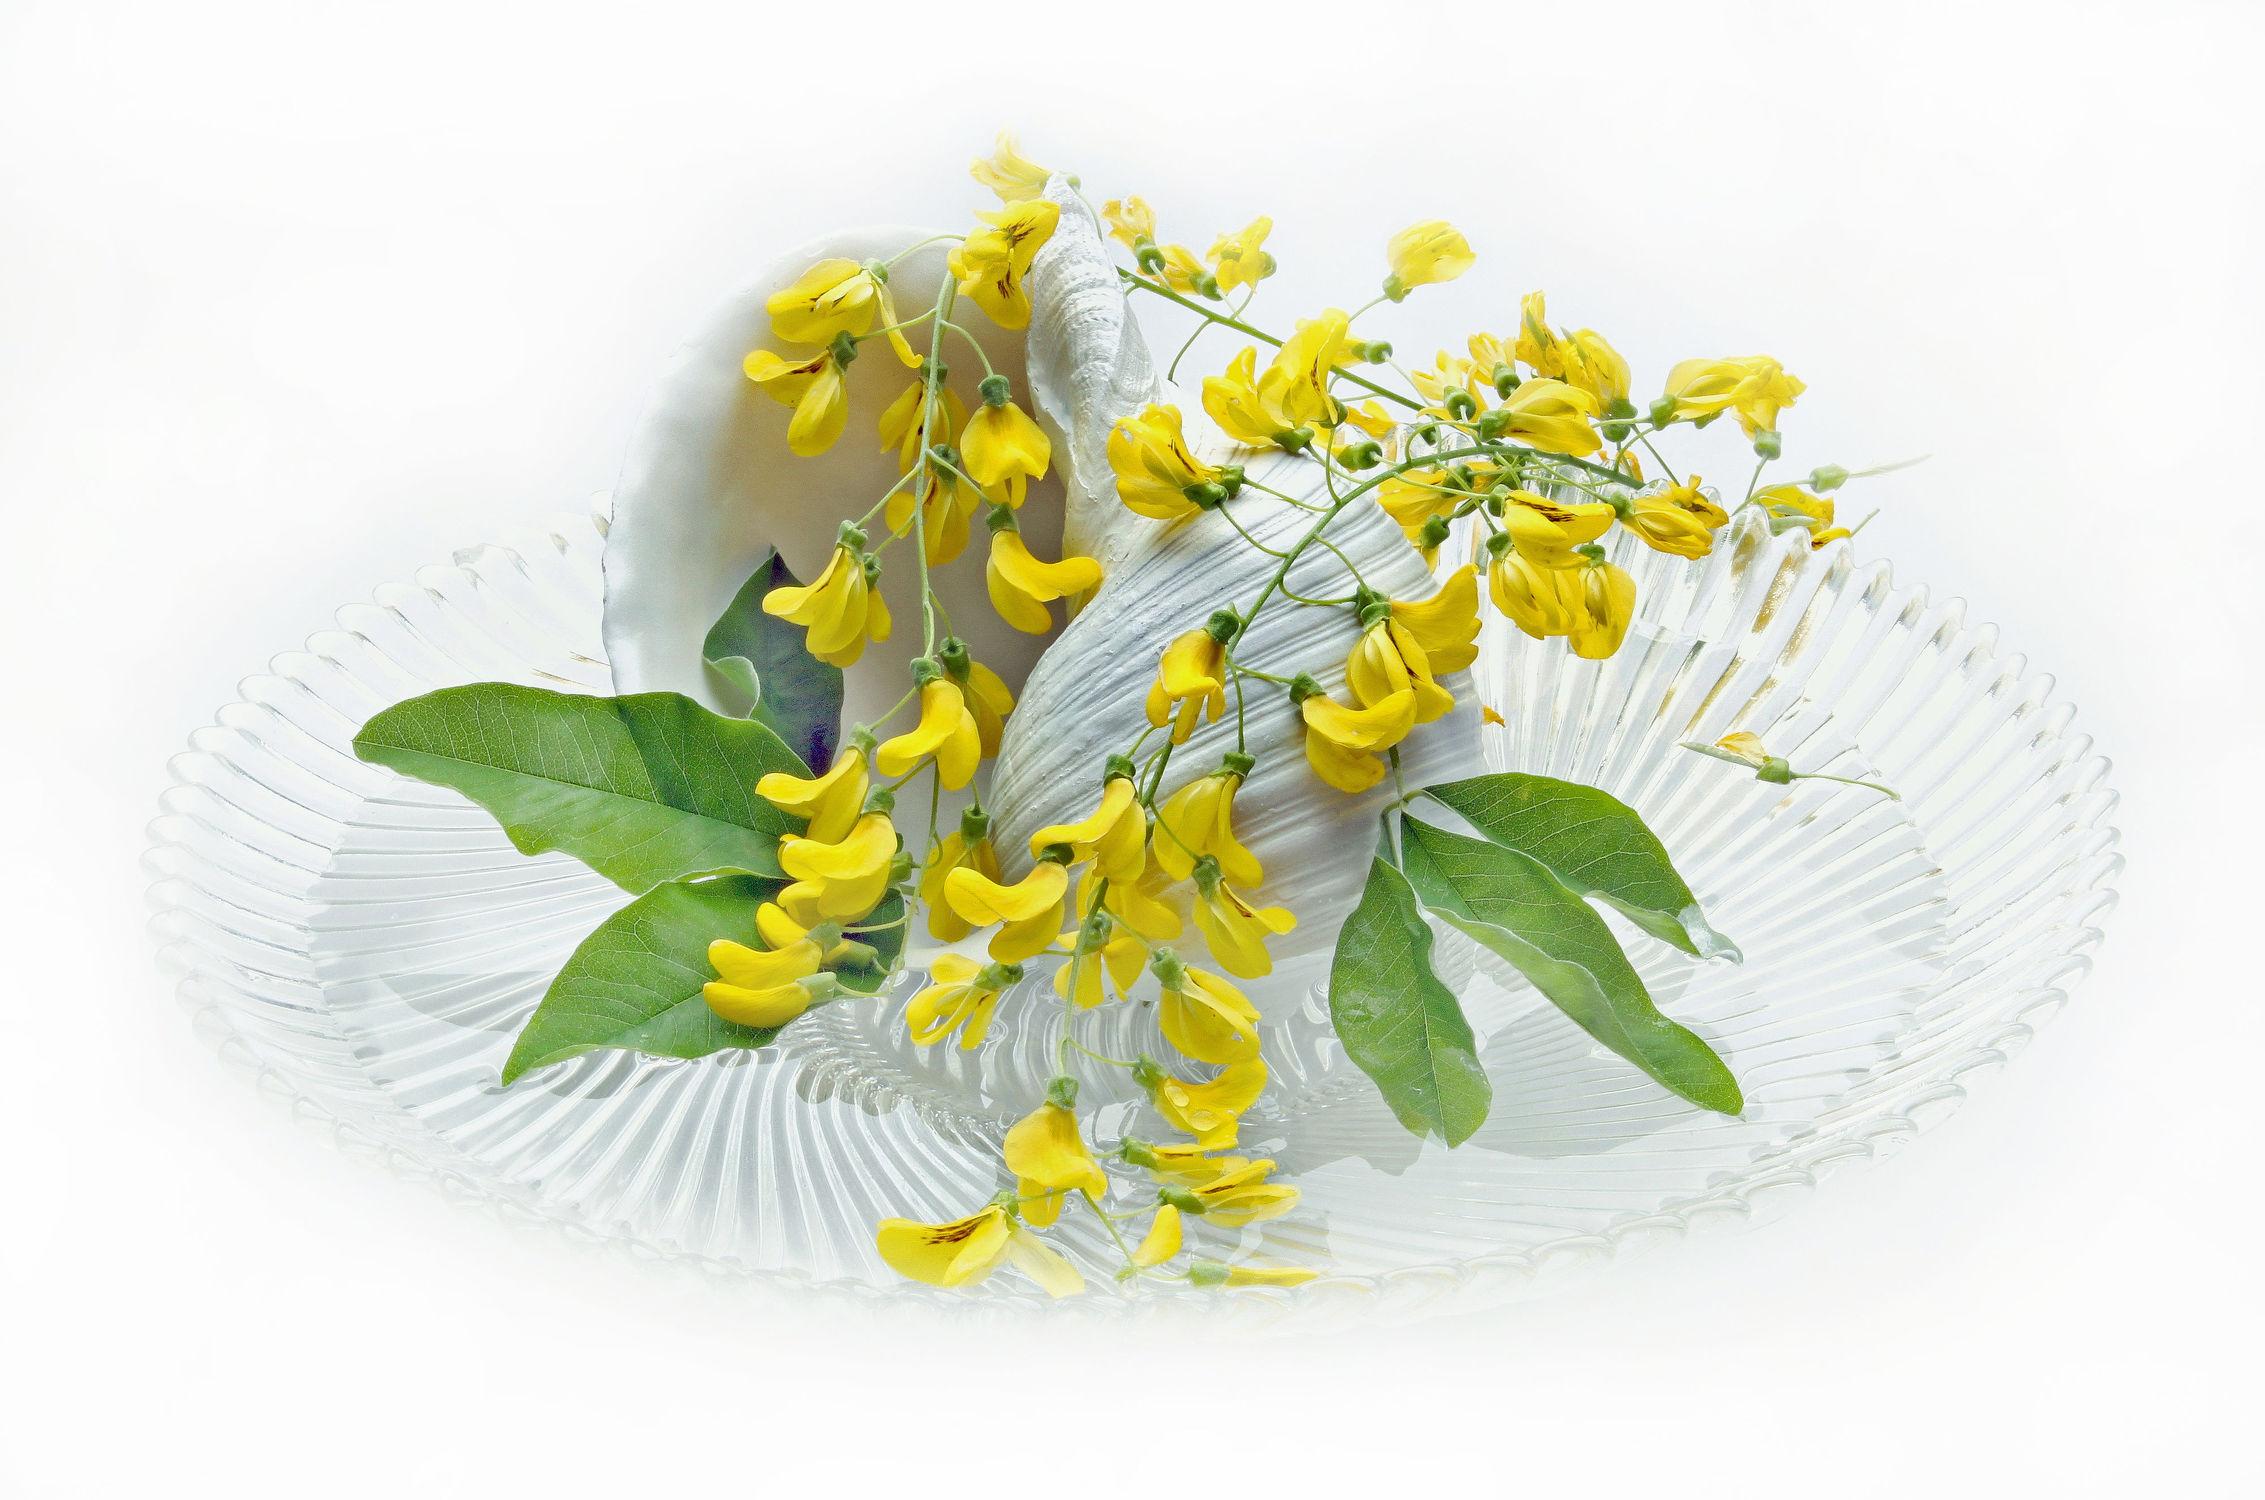 Bild mit Pflanzen, Blumen, Blume, Pflanze, Floral, Blüten, Florales, blüte, weich